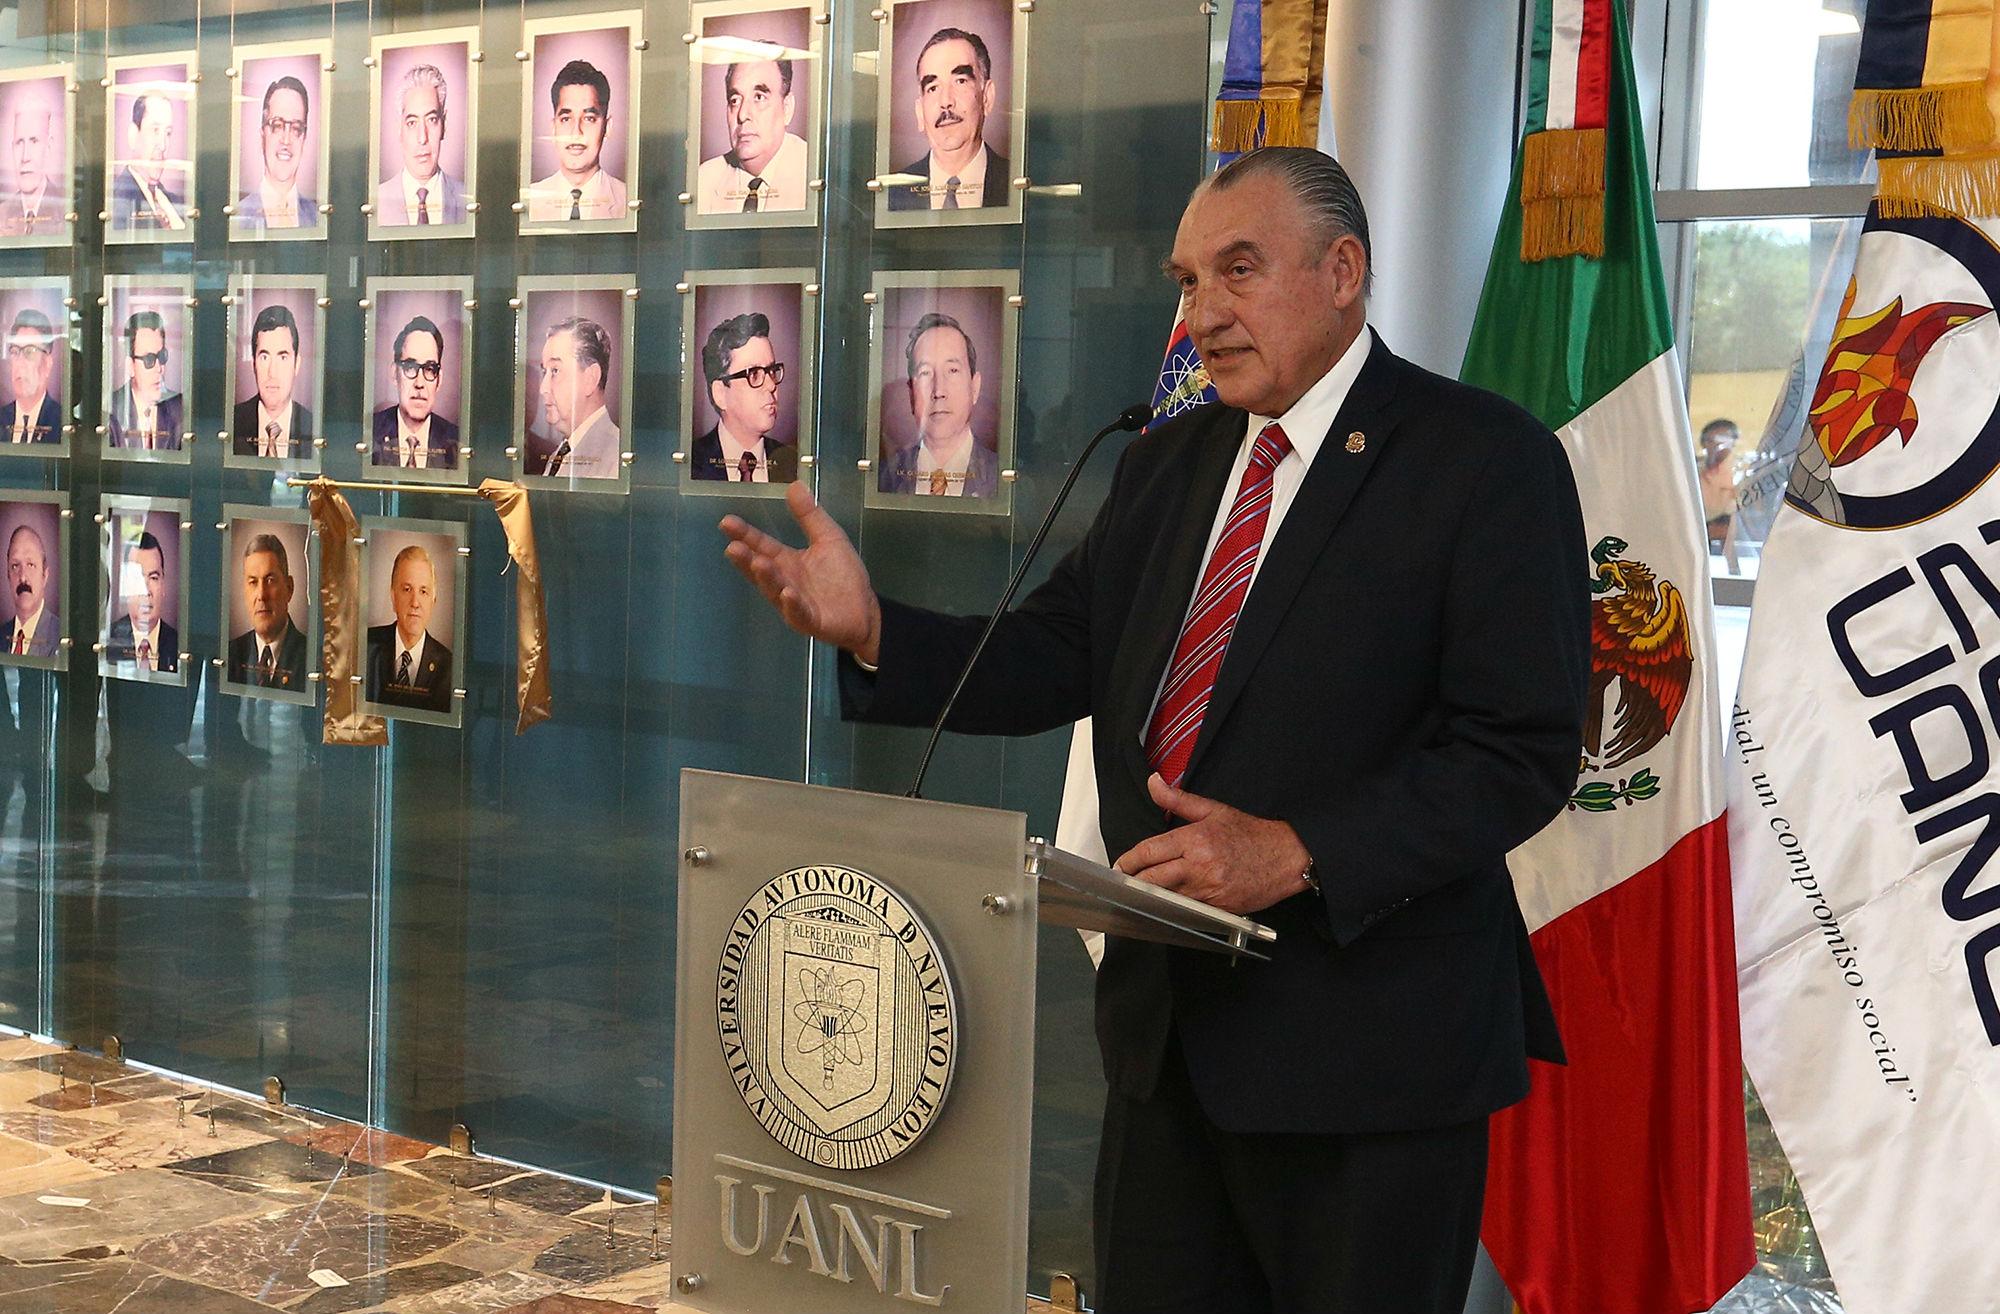 Luis Gómez Danés, Consejero maestro de medicina dedicó unas palabras sobre el Dr. Ancer